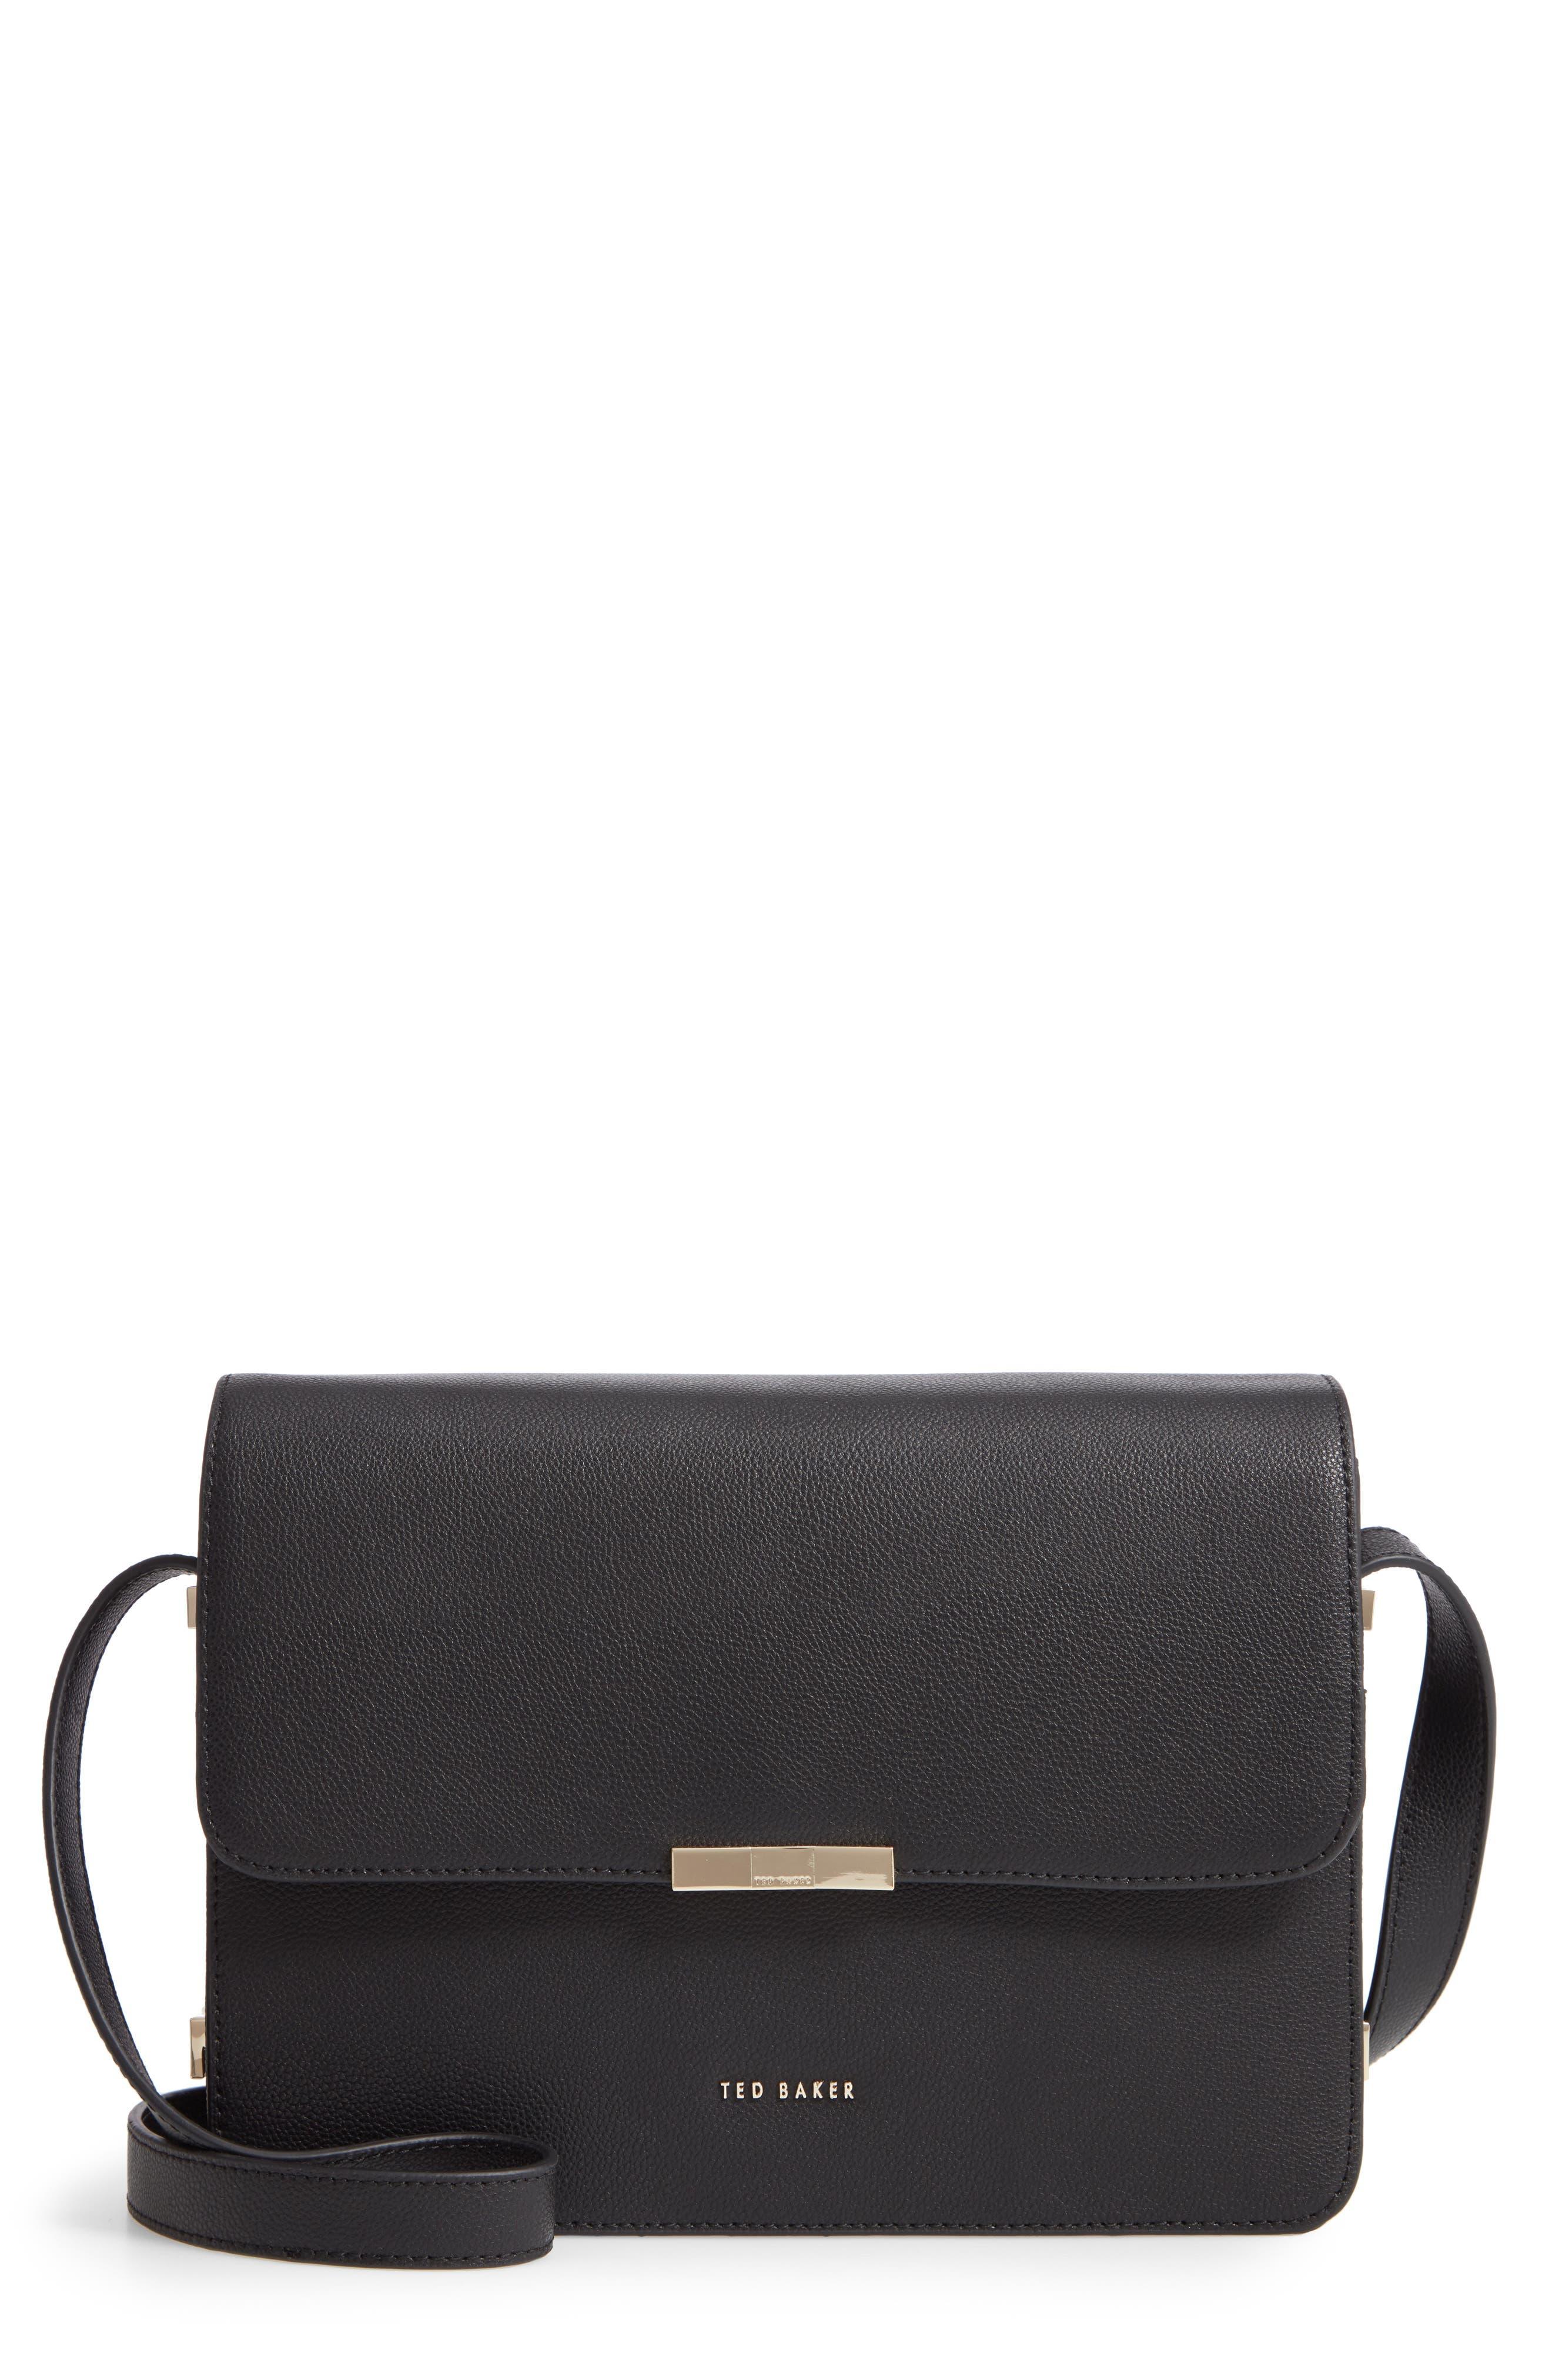 632fc6c71 Ted Baker London Shoulder Bags